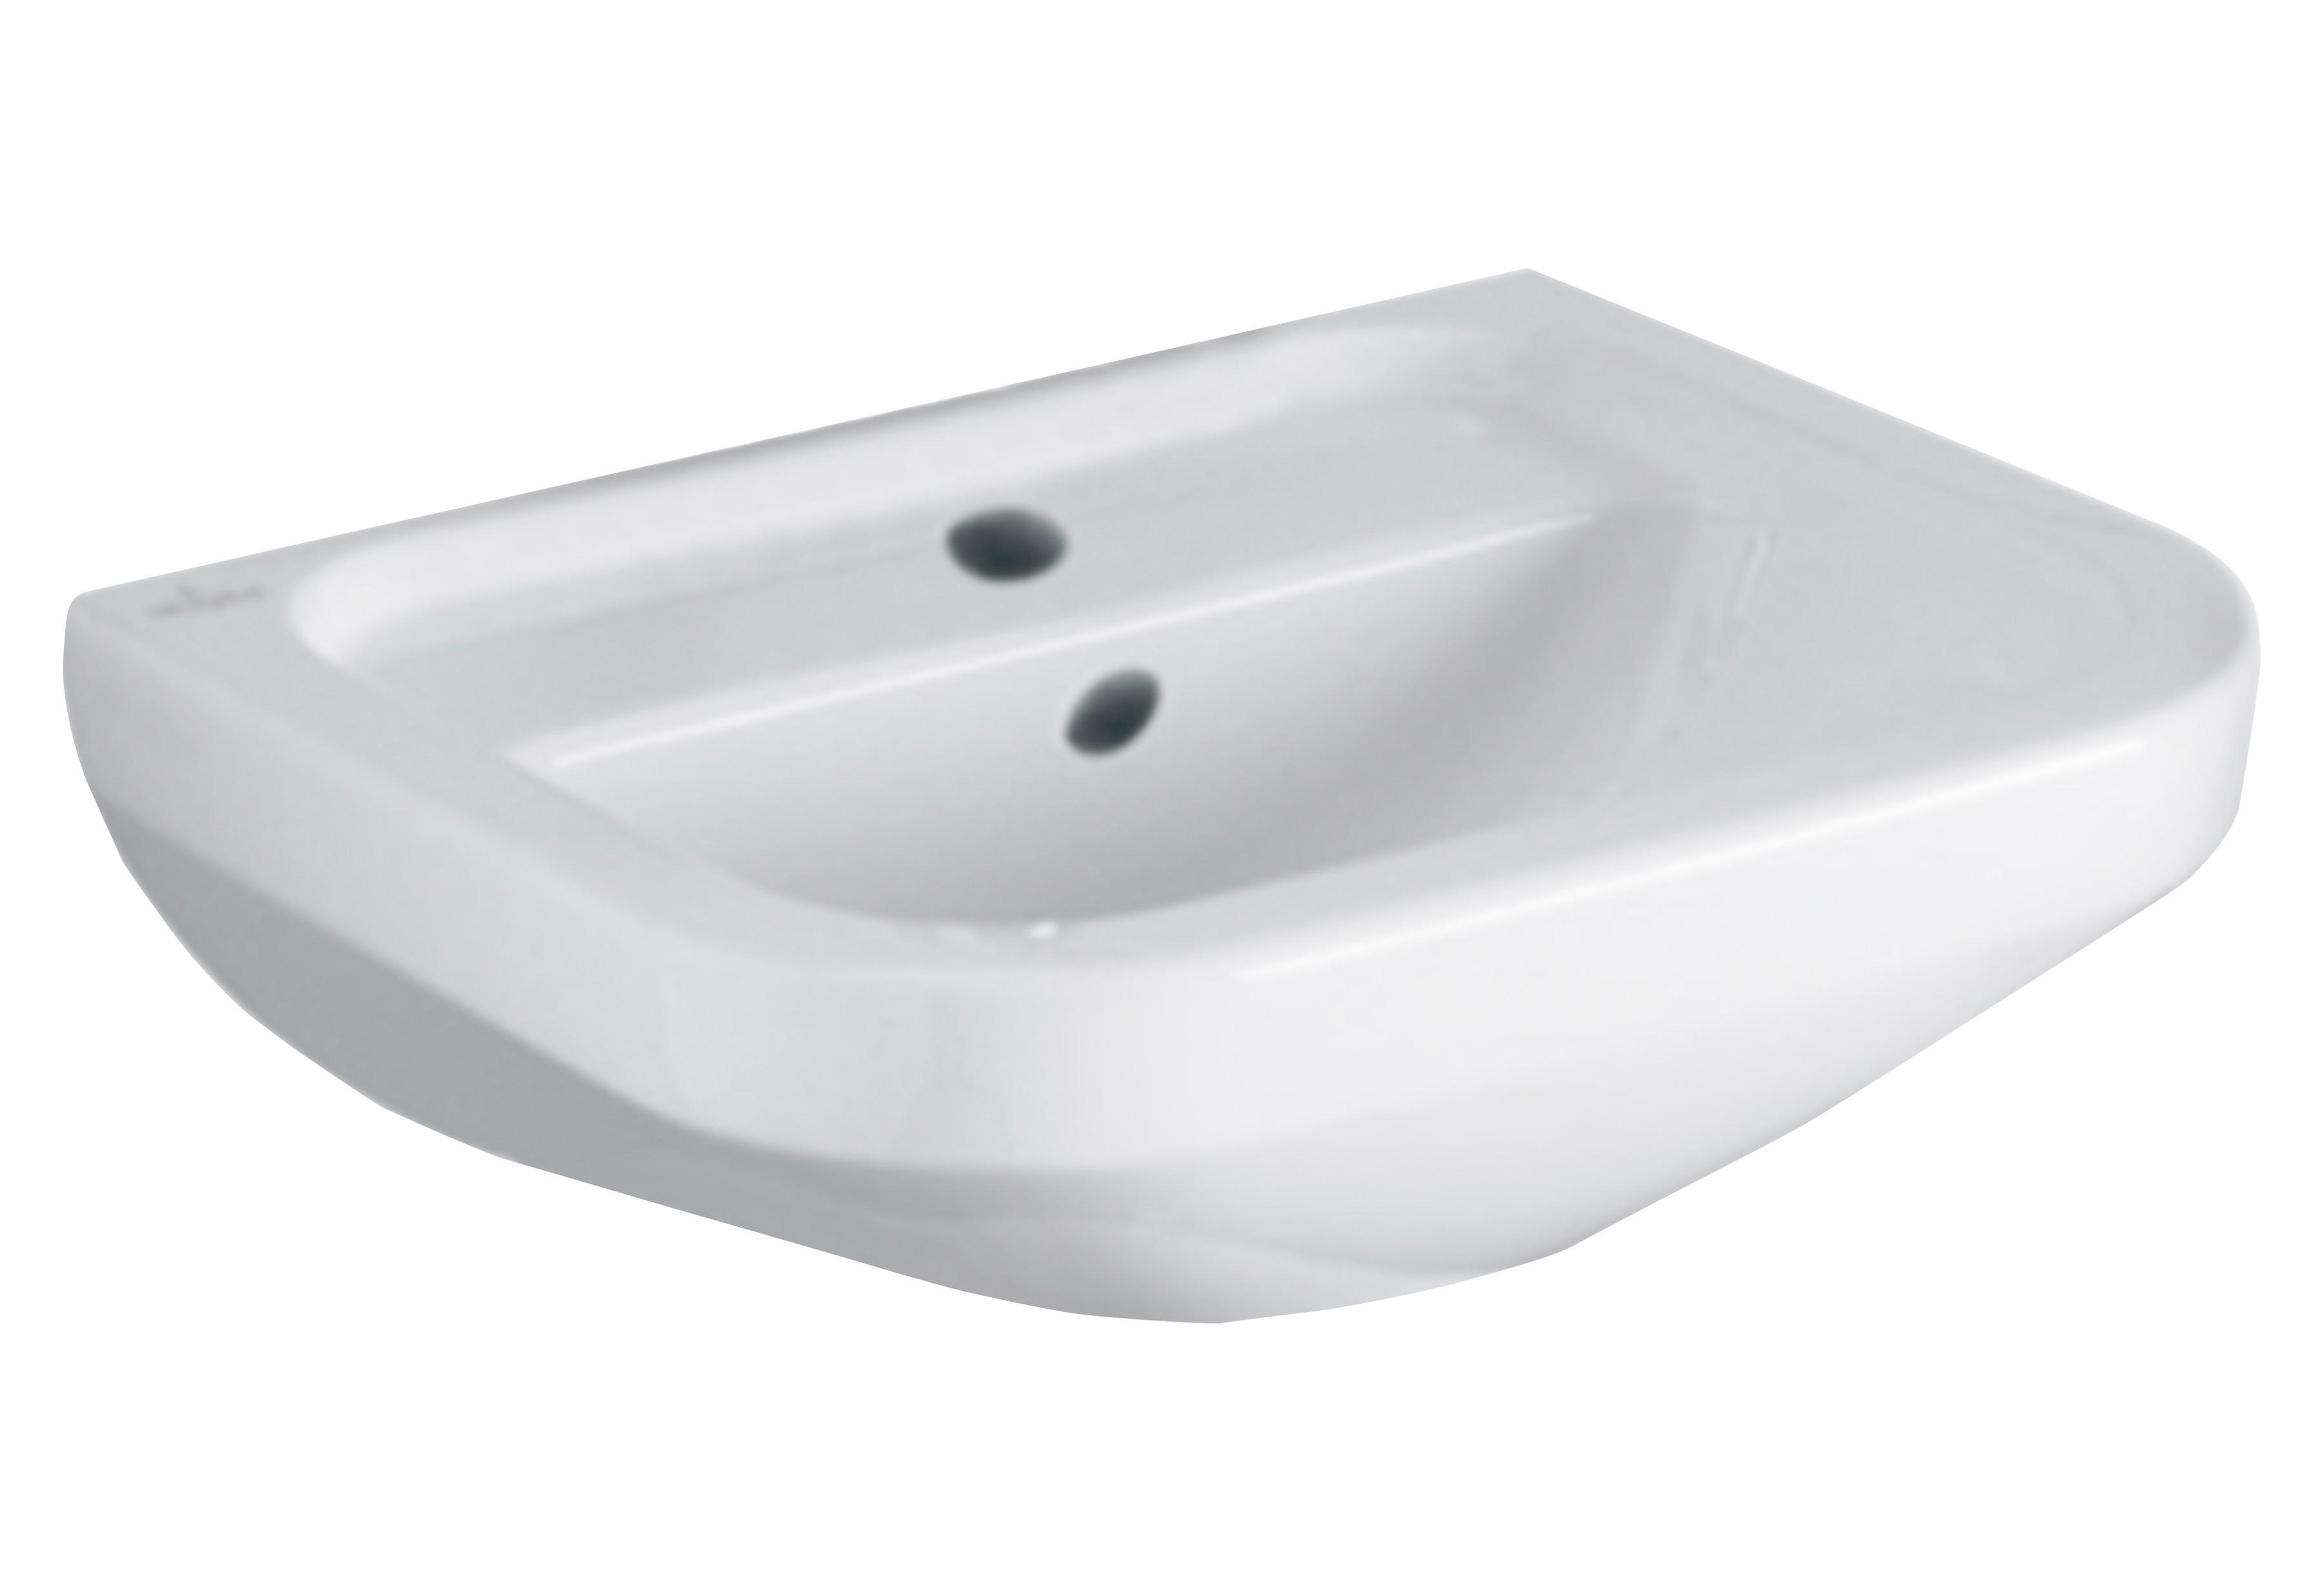 Villeroy & Boch Keramik Waschtisch / Waschbecken »Architectura ...